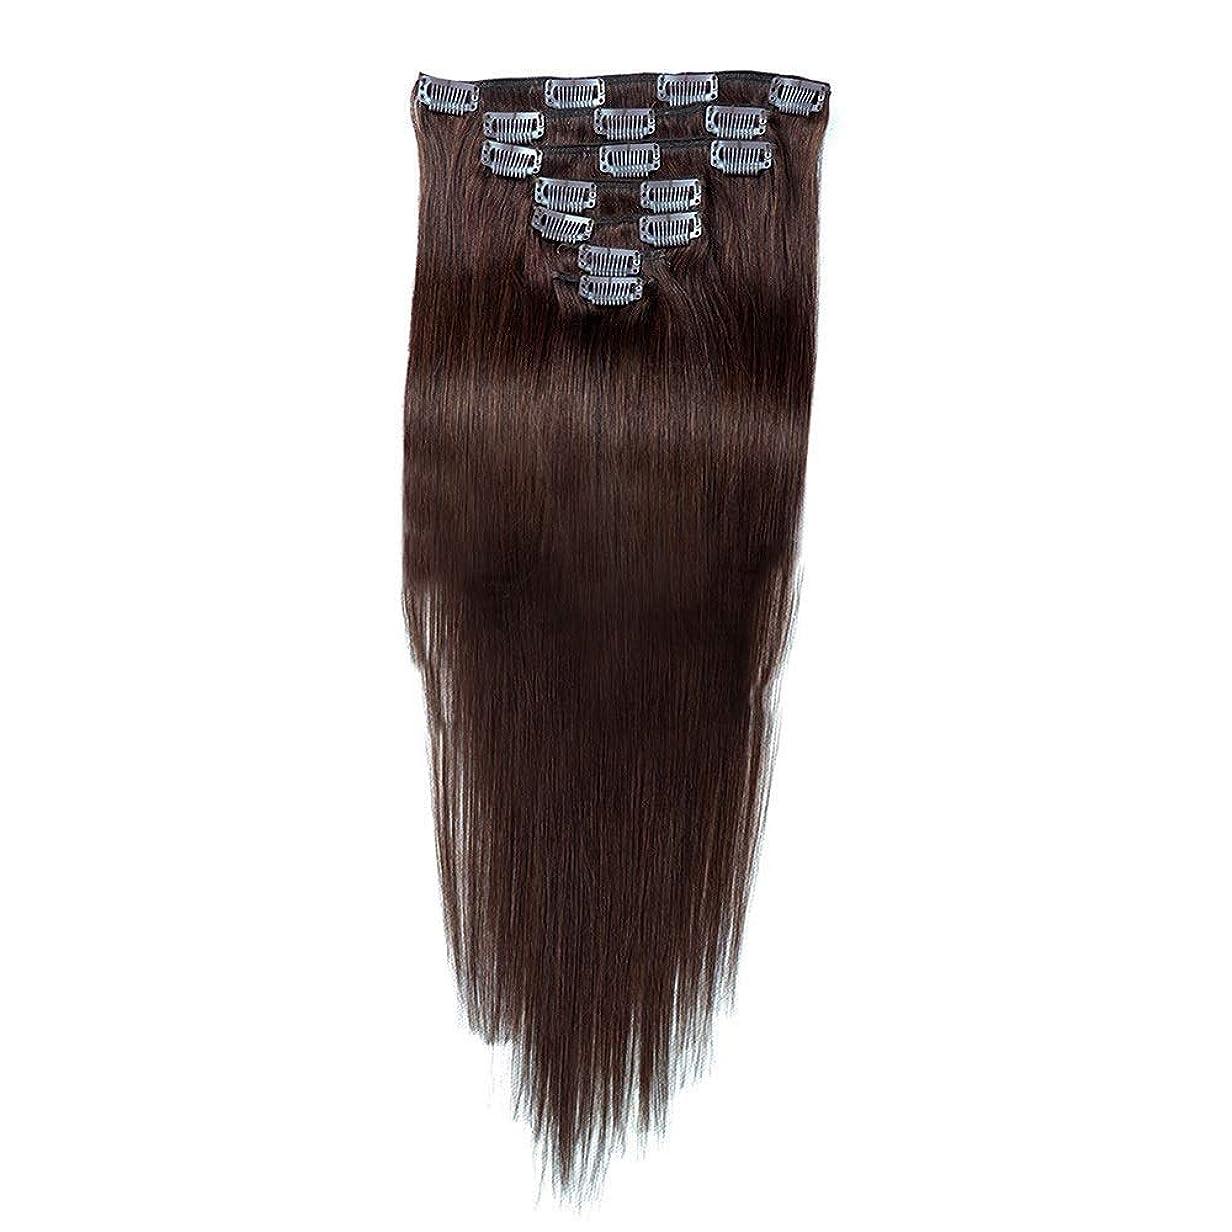 静脈理想的にはリブ人間の髪の毛のエクステンションクリップレミーフルヘッドダブル横糸ストレートヘアピース。 (7個、#2ダークブラウン、20インチ、70g) モデリングツール (色 : #2 Dark Brown)